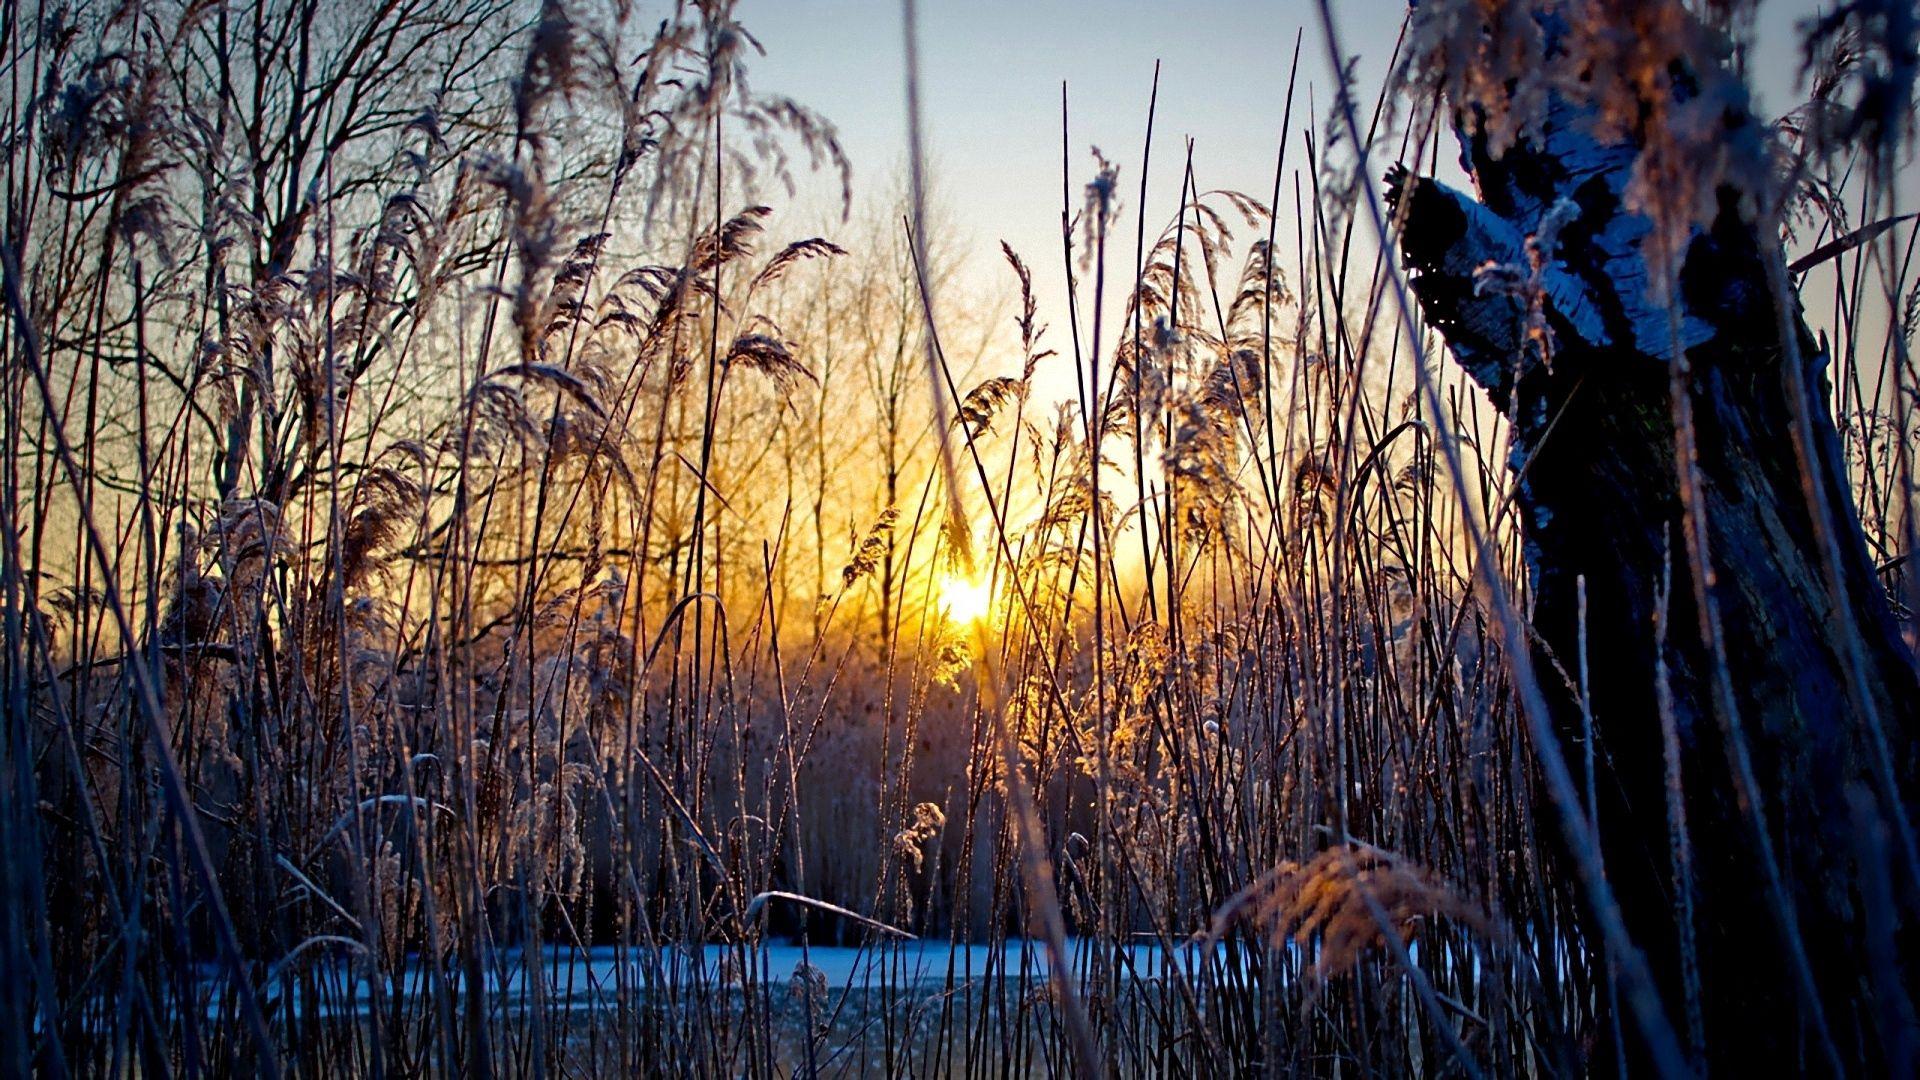 131983 скачать обои Природа, Вечер, Трава, Растительность, Закат, Холод, Солнце - заставки и картинки бесплатно